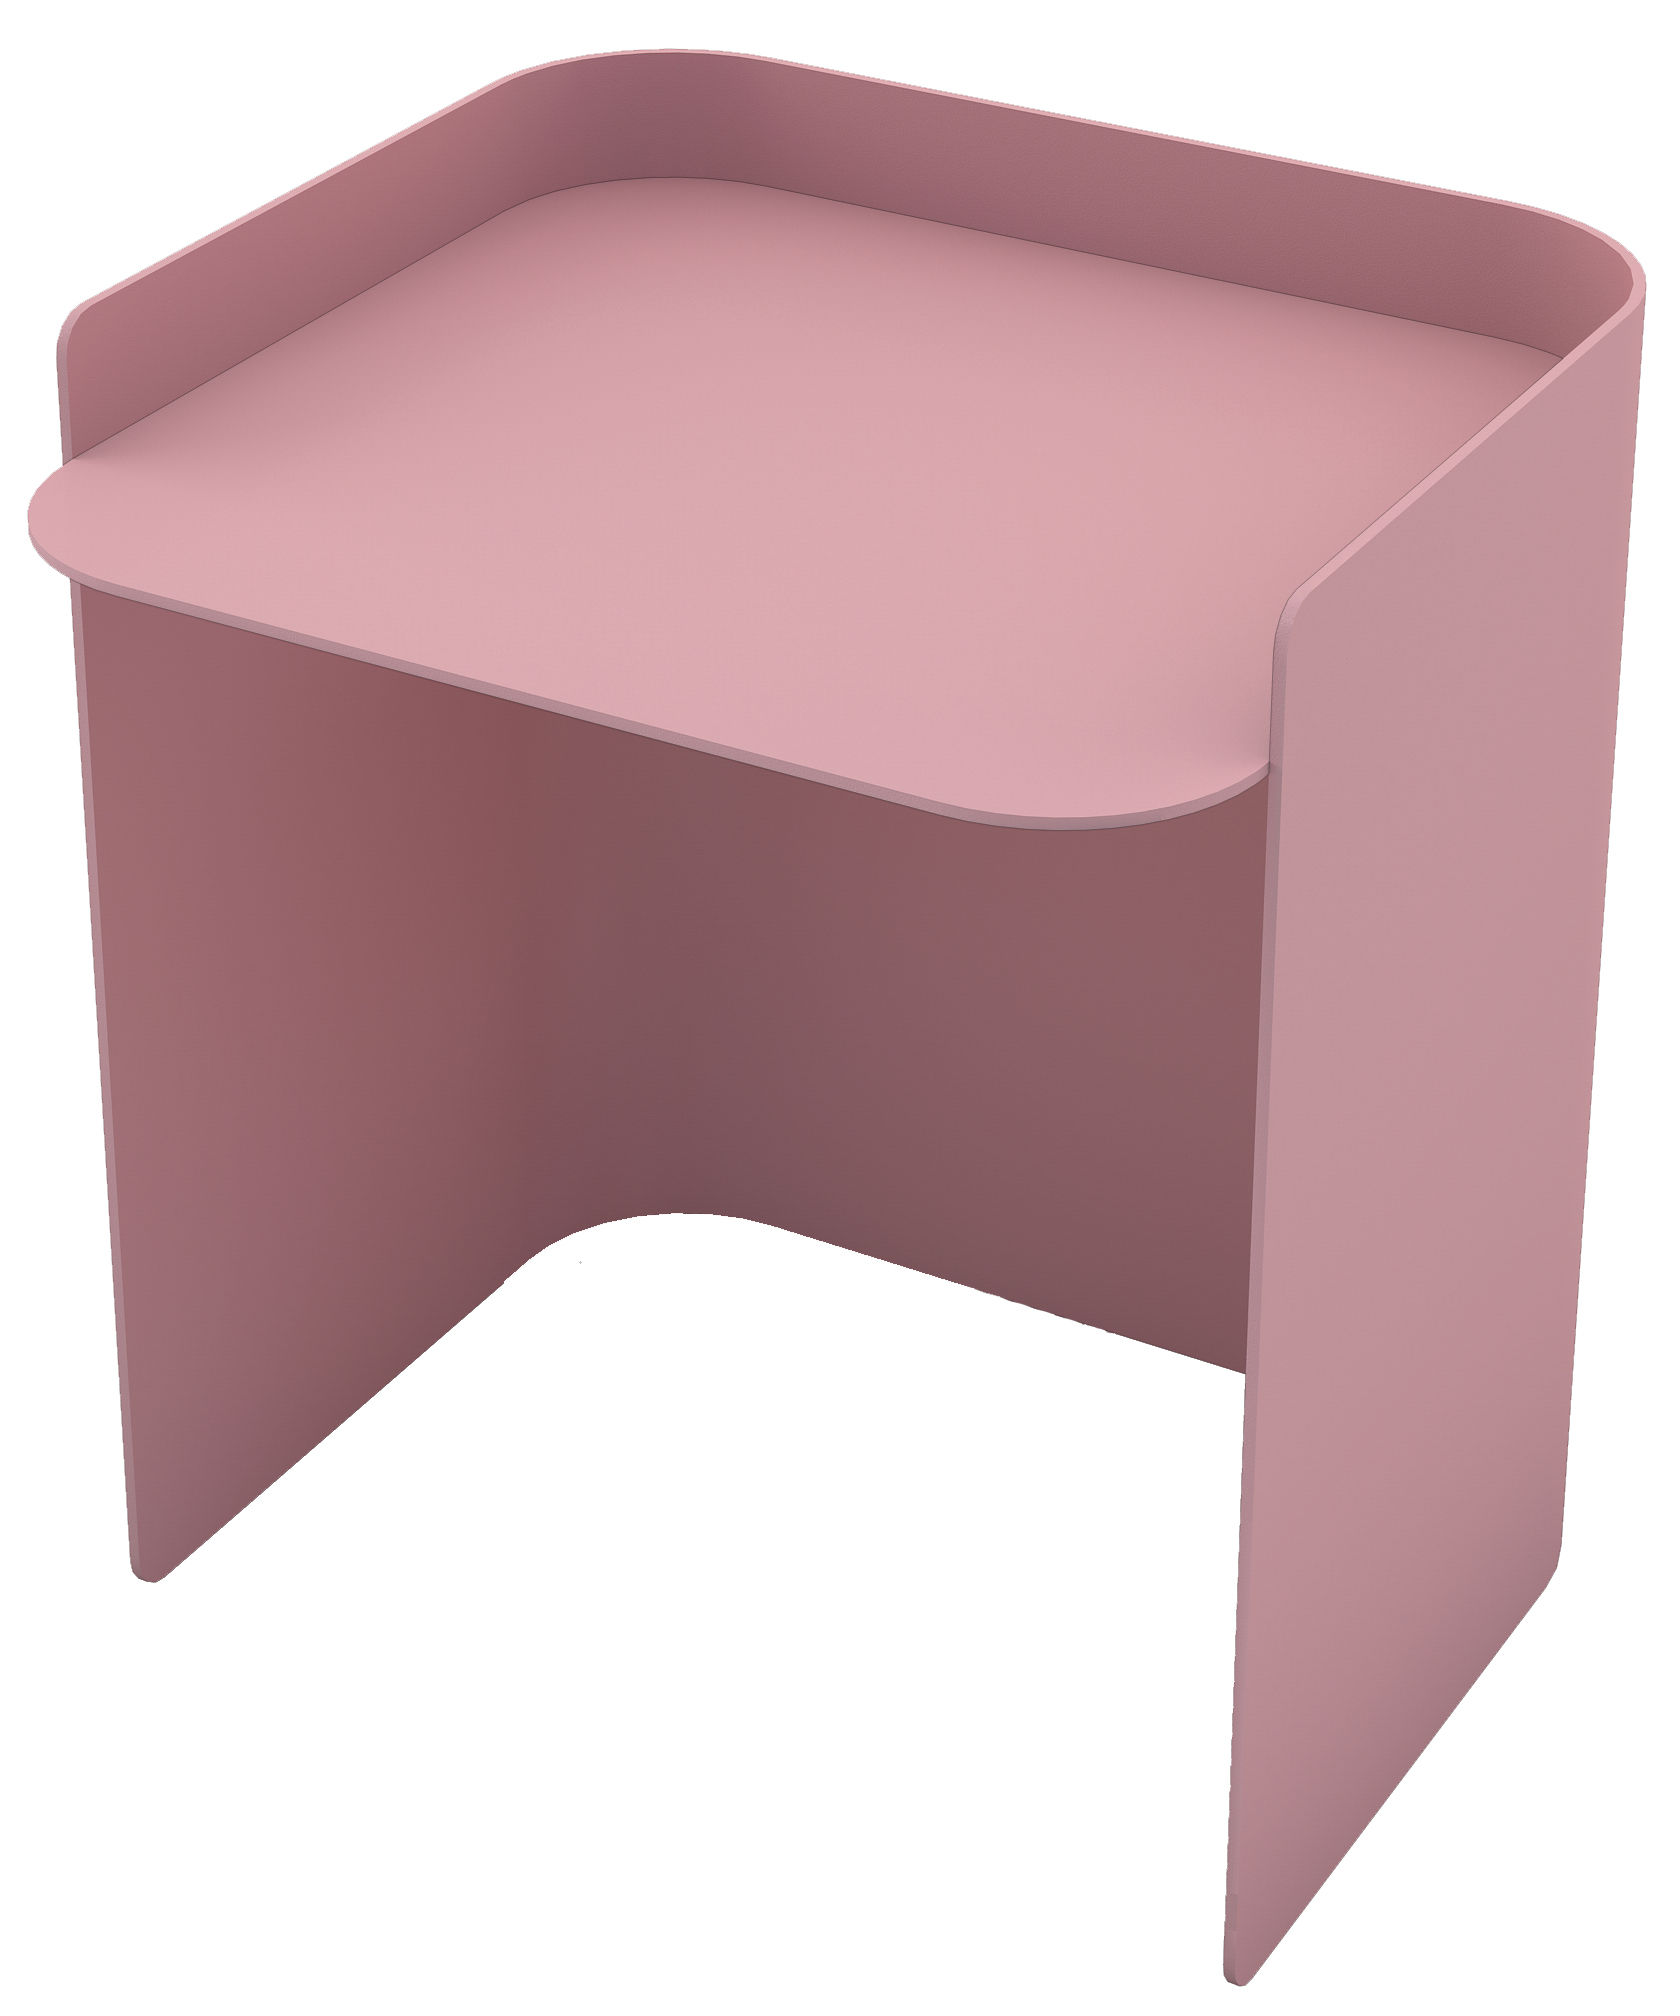 Mobilier - Tables basses - Table d'appoint Flor / Small - H 35 cm - Matière Grise - Rose Clair - Acier peint